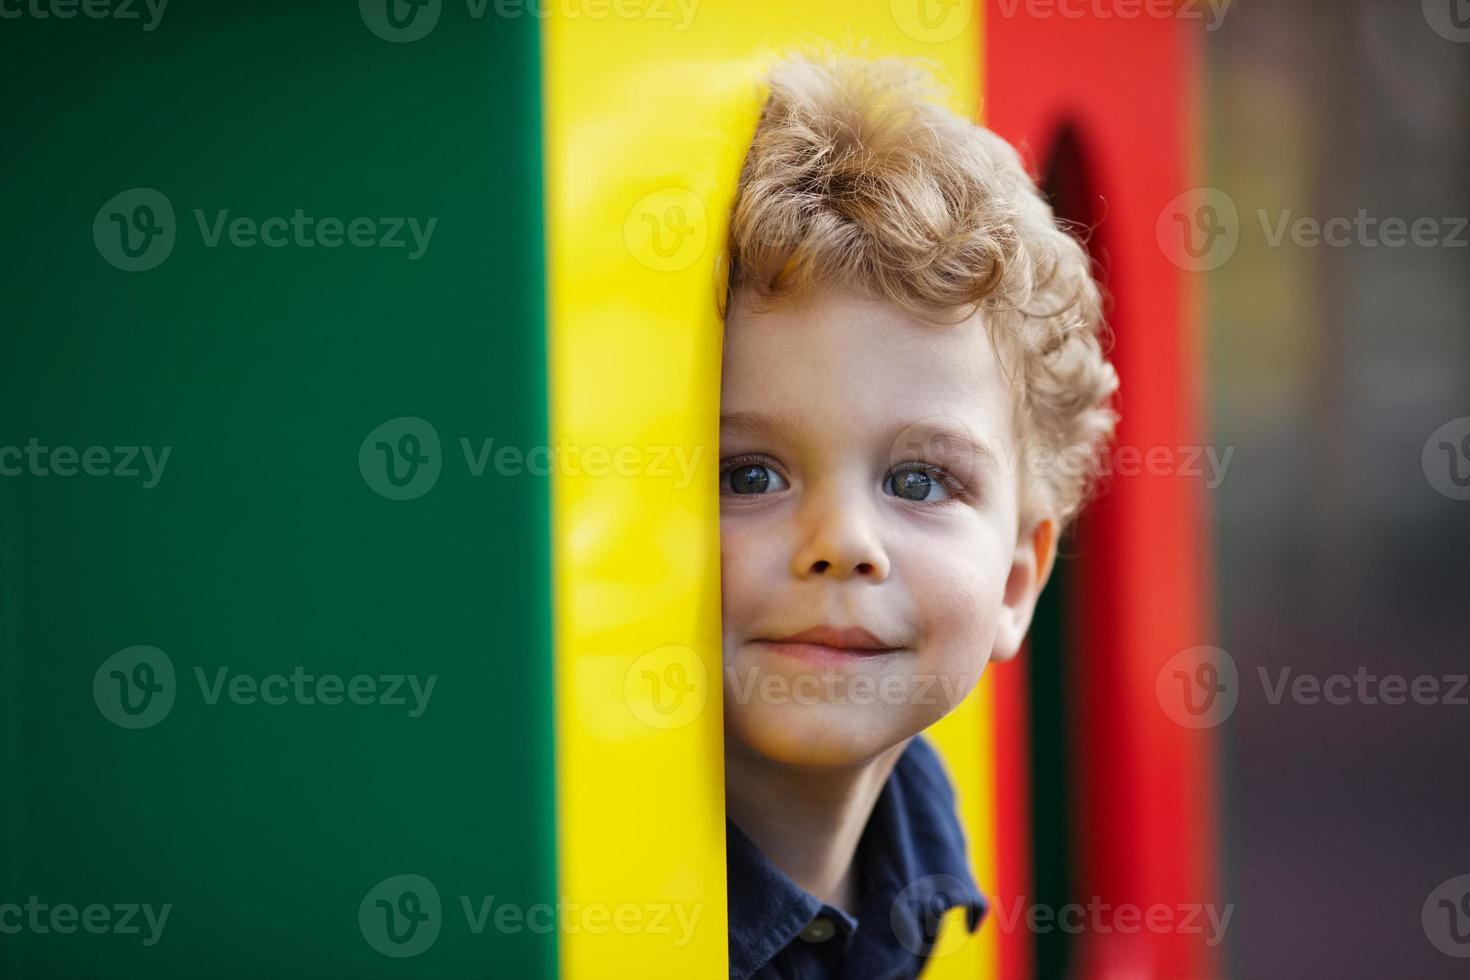 petit garçon jette un coup d'œil par derrière la couverture photo